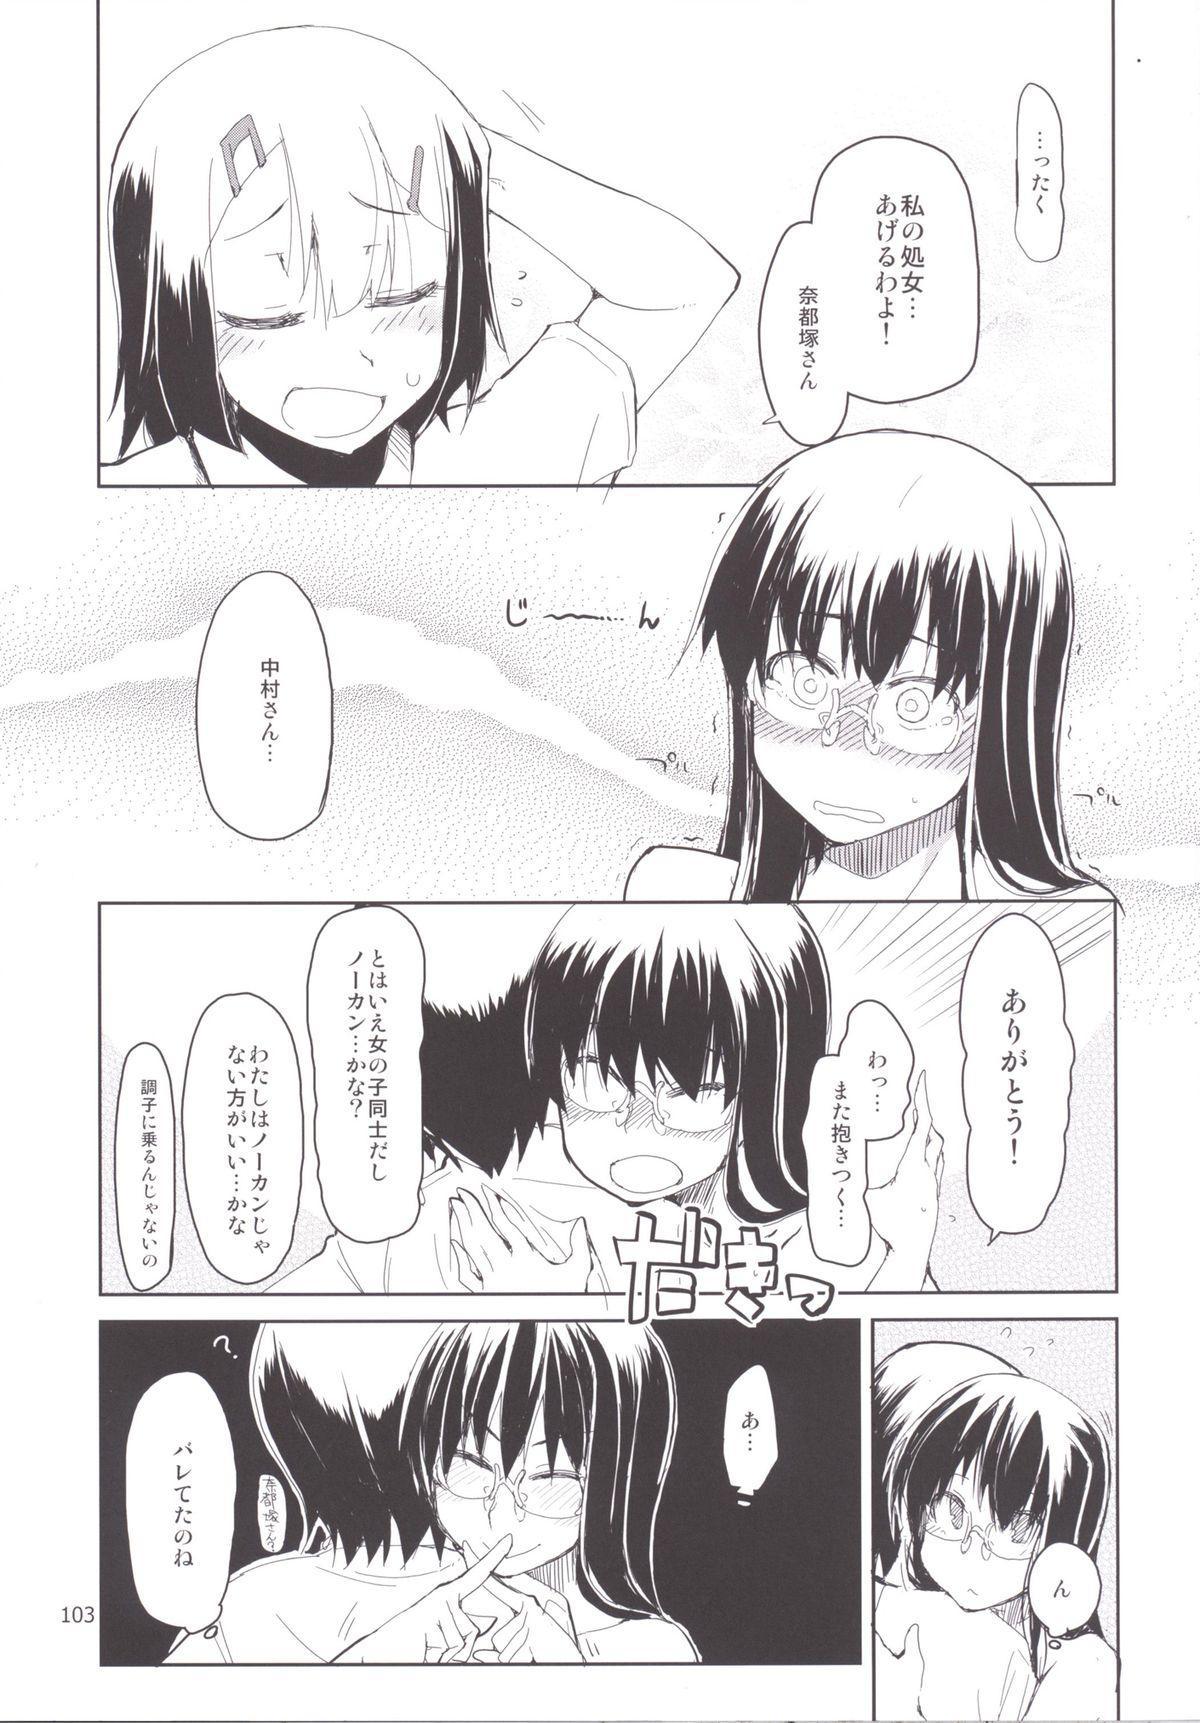 Natsuzuka-san no Himitsu. Soushuuhen Kouhen 6